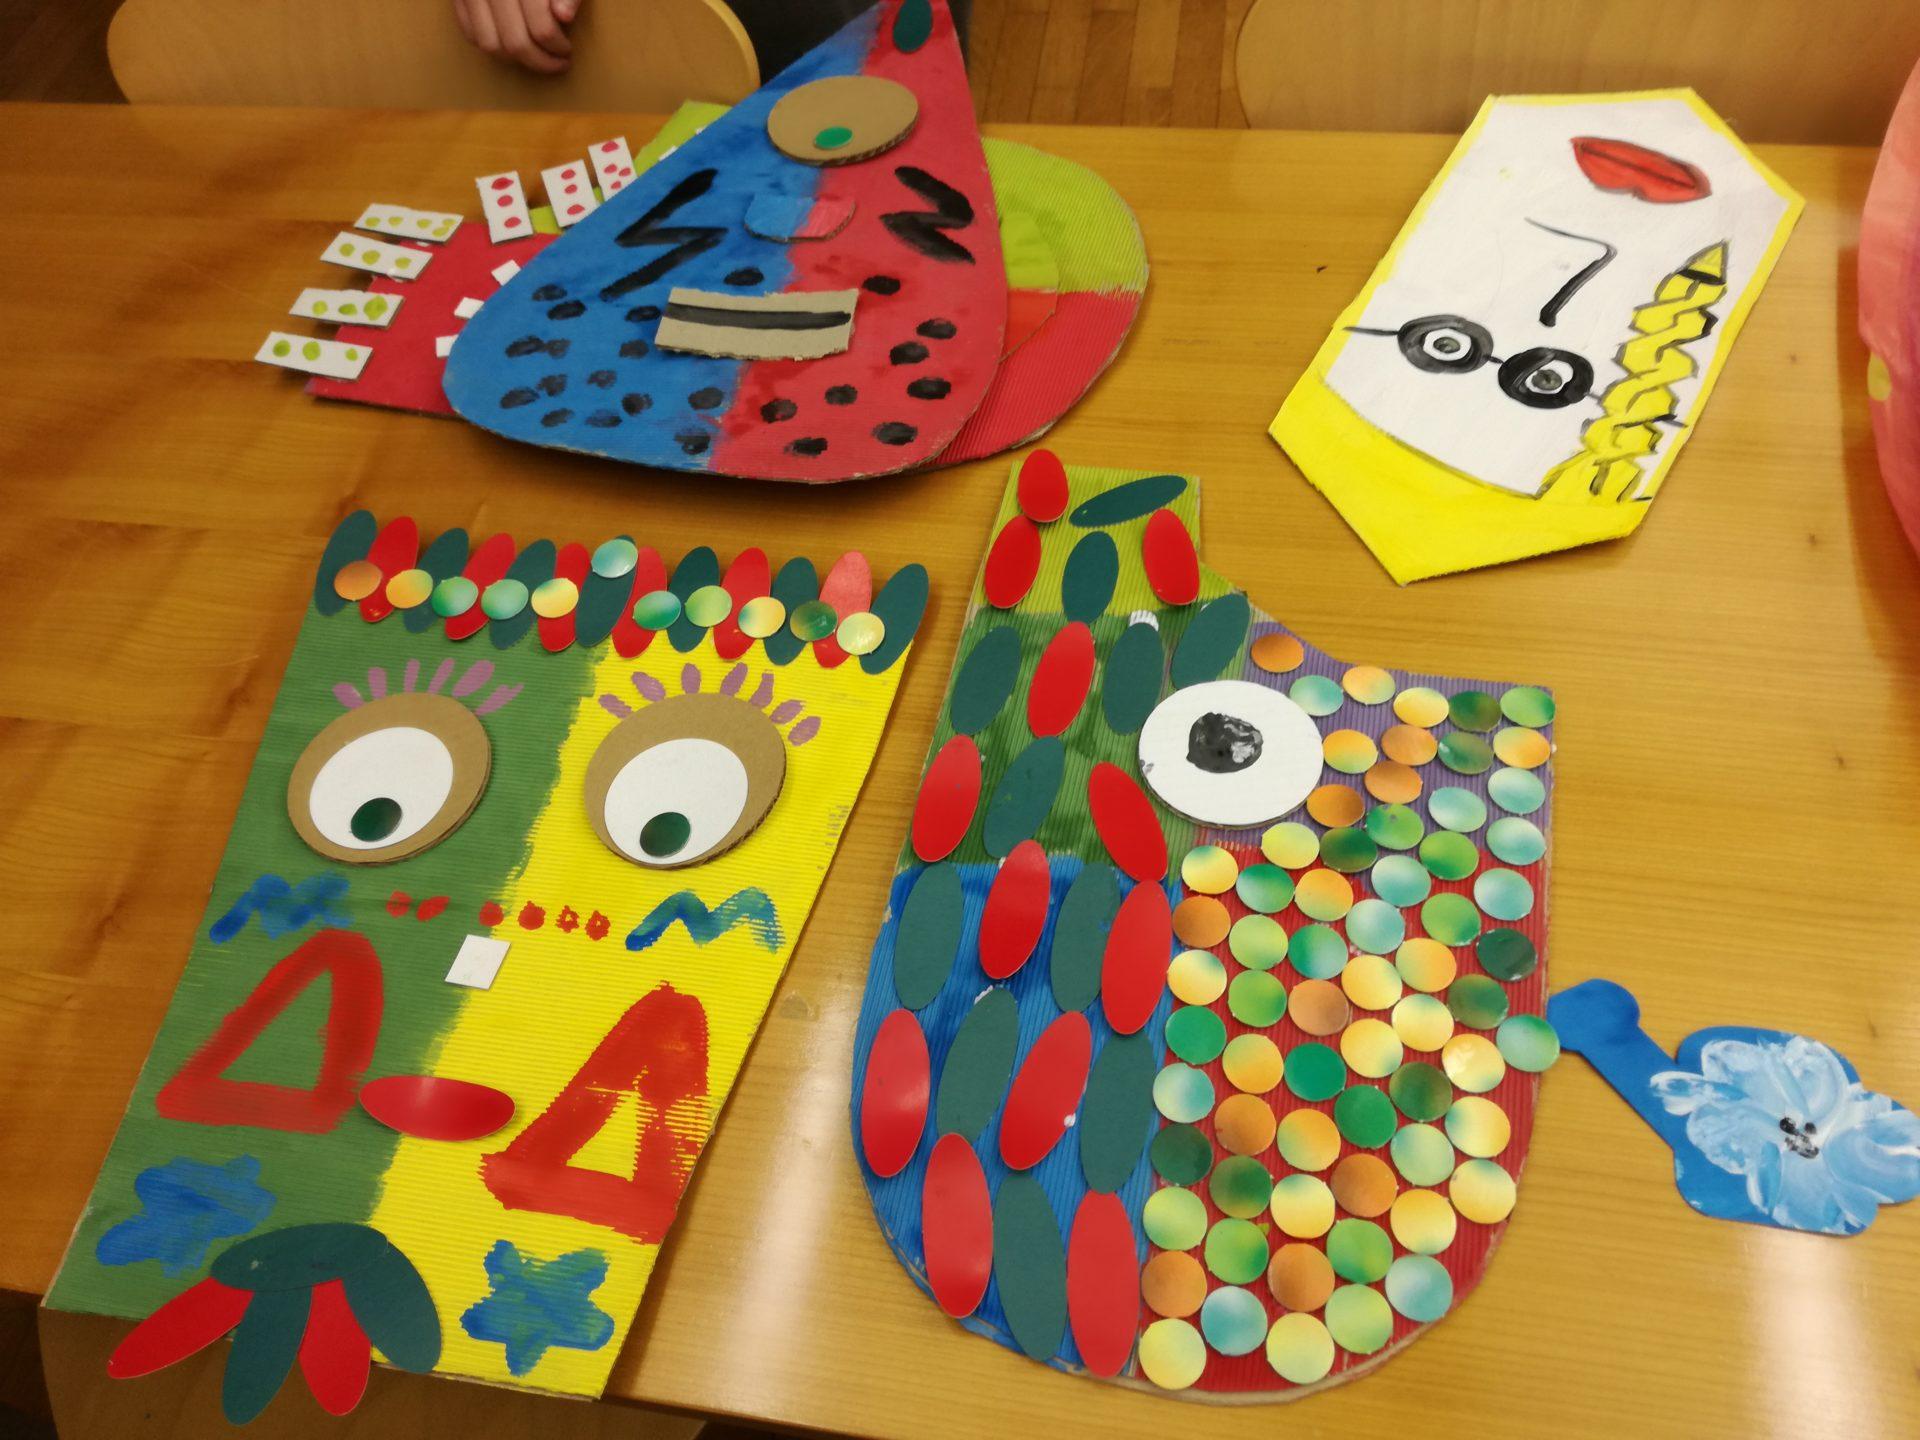 IMG 20200217 174217 - Počitniški tečaj izdelovanja mask v knjižnici